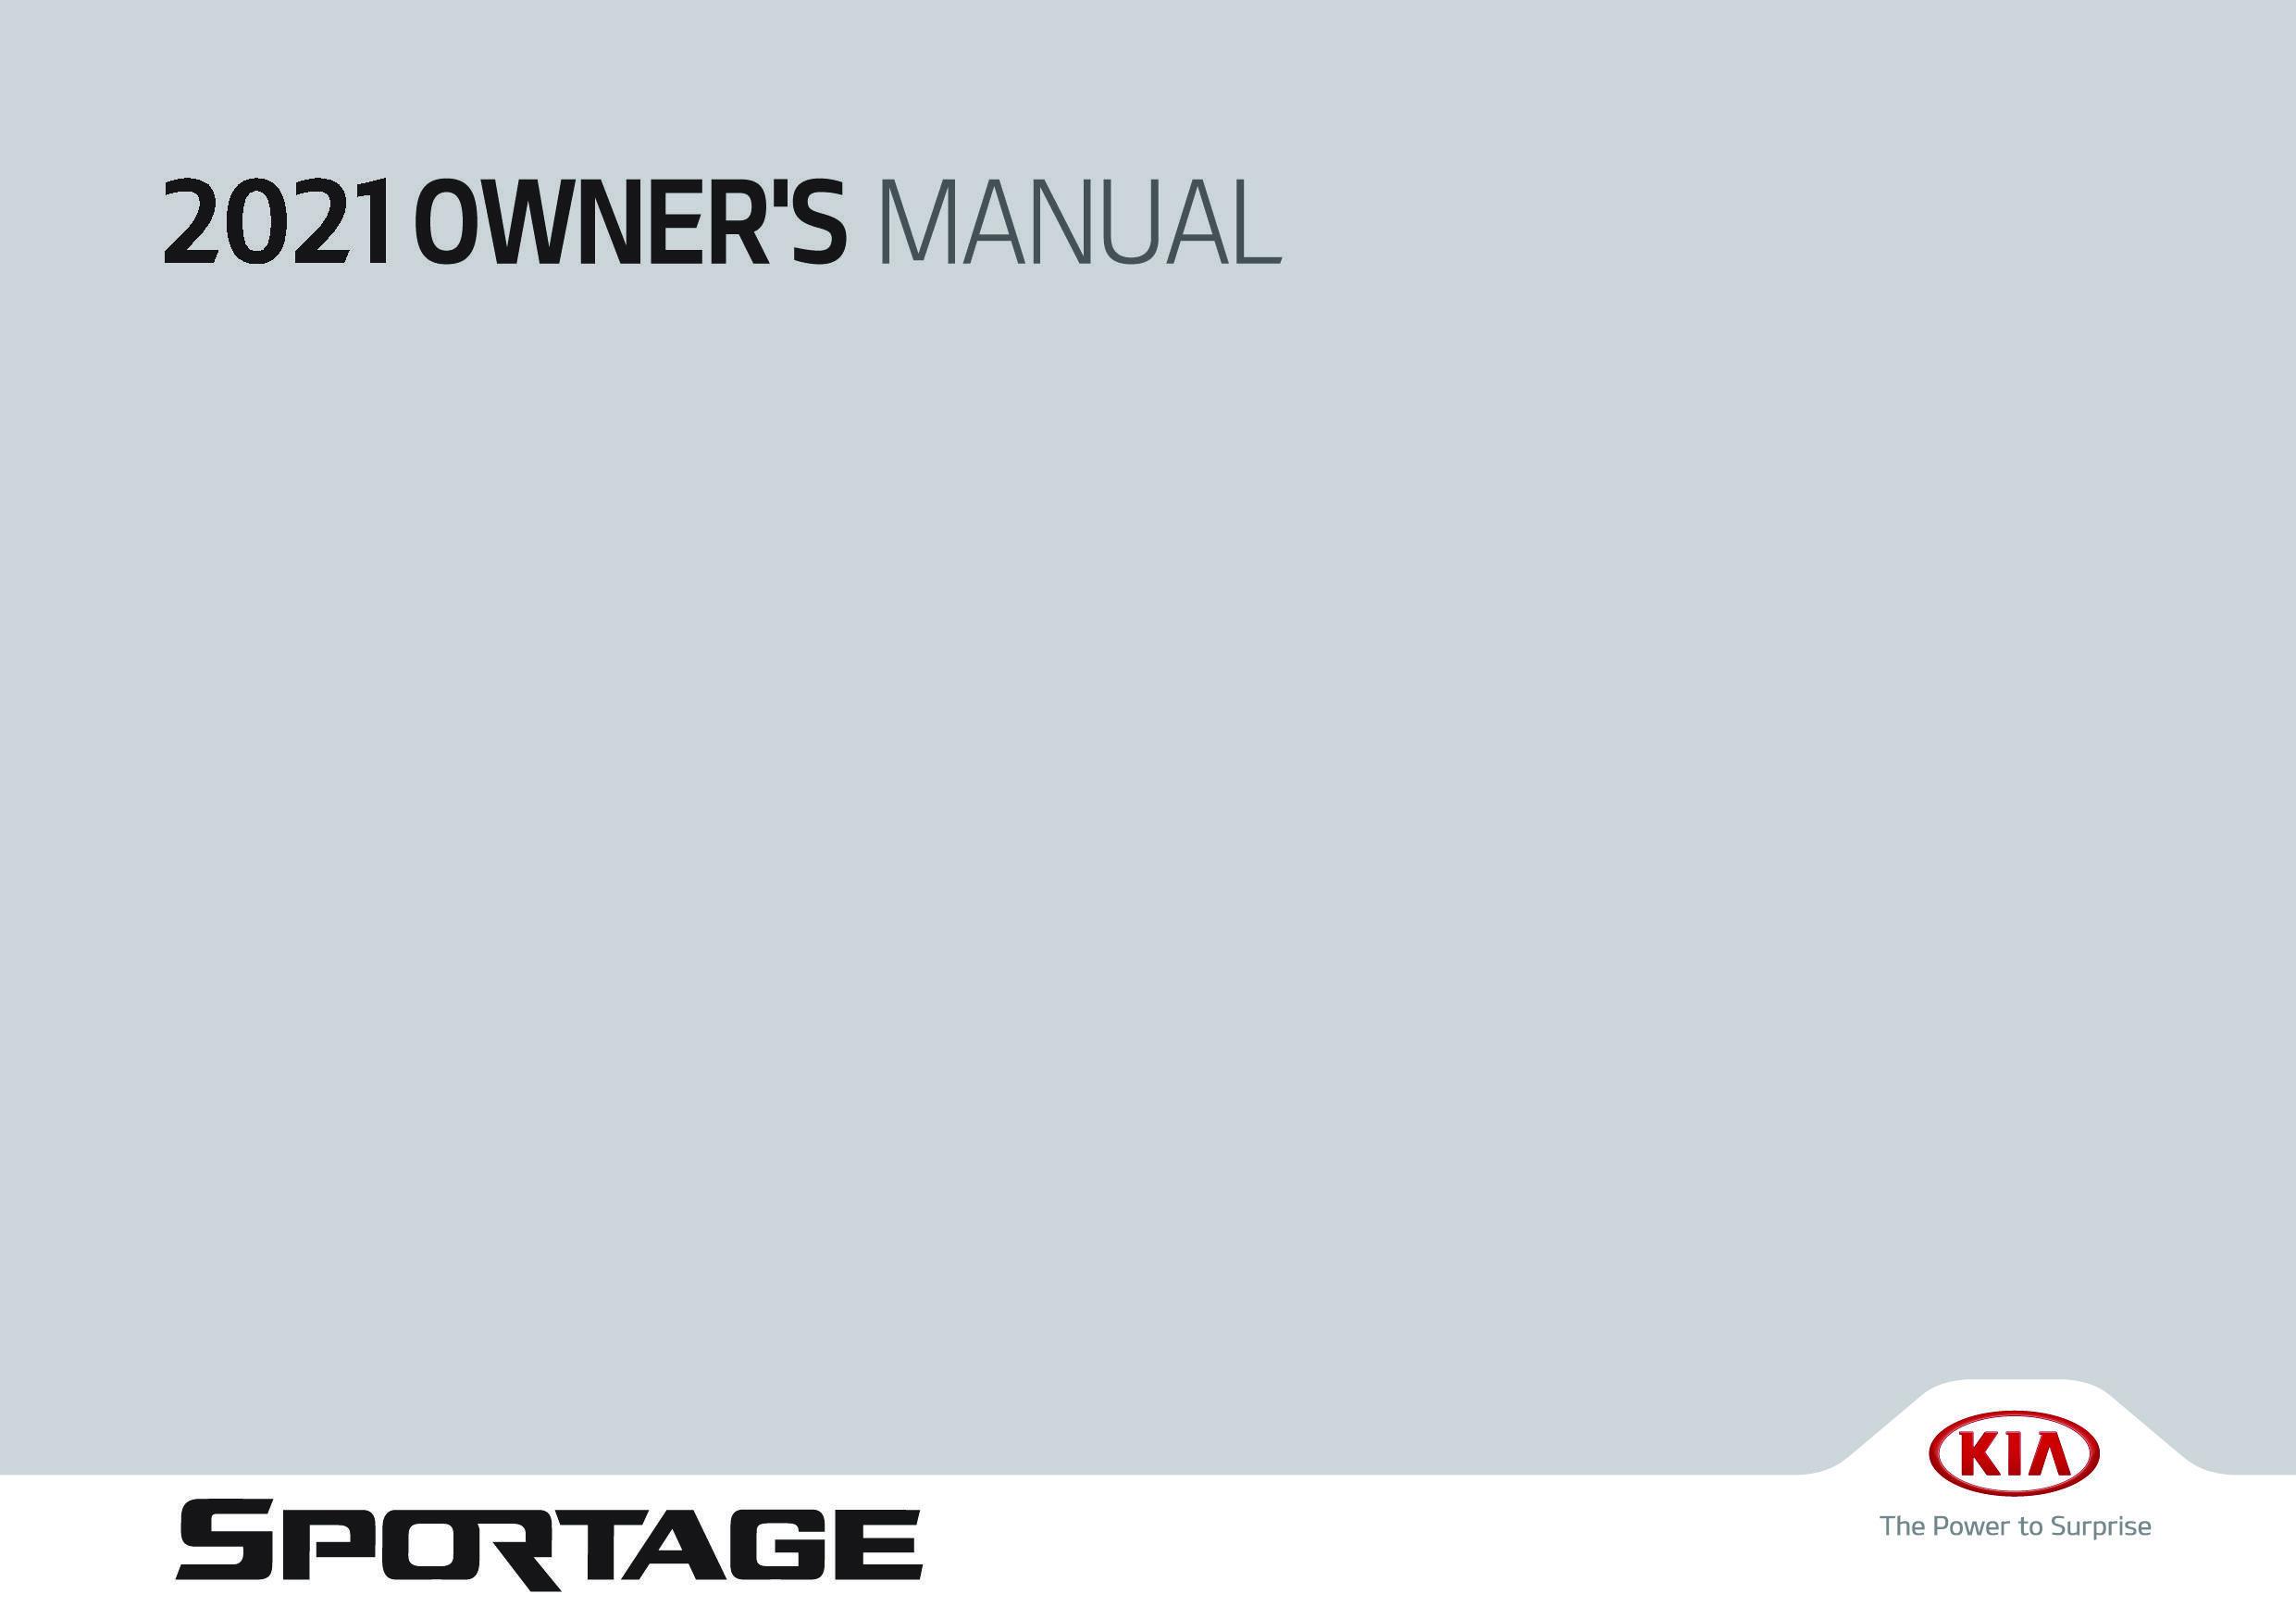 2021 Kia Sportage owners manual